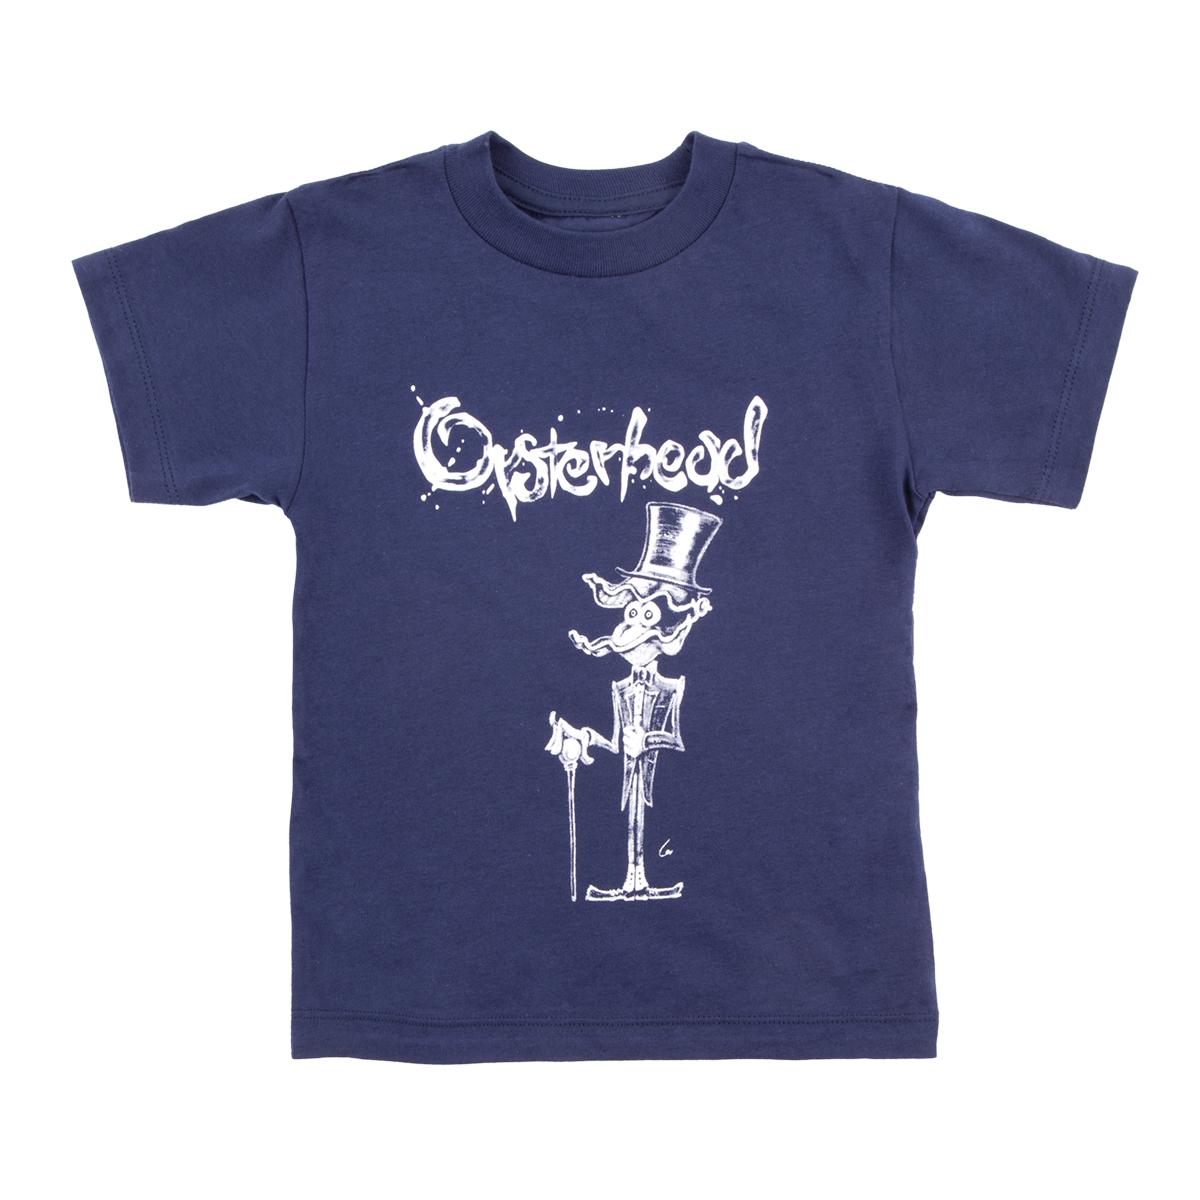 Mr. Oysterhead Kid's Tour T-shirt